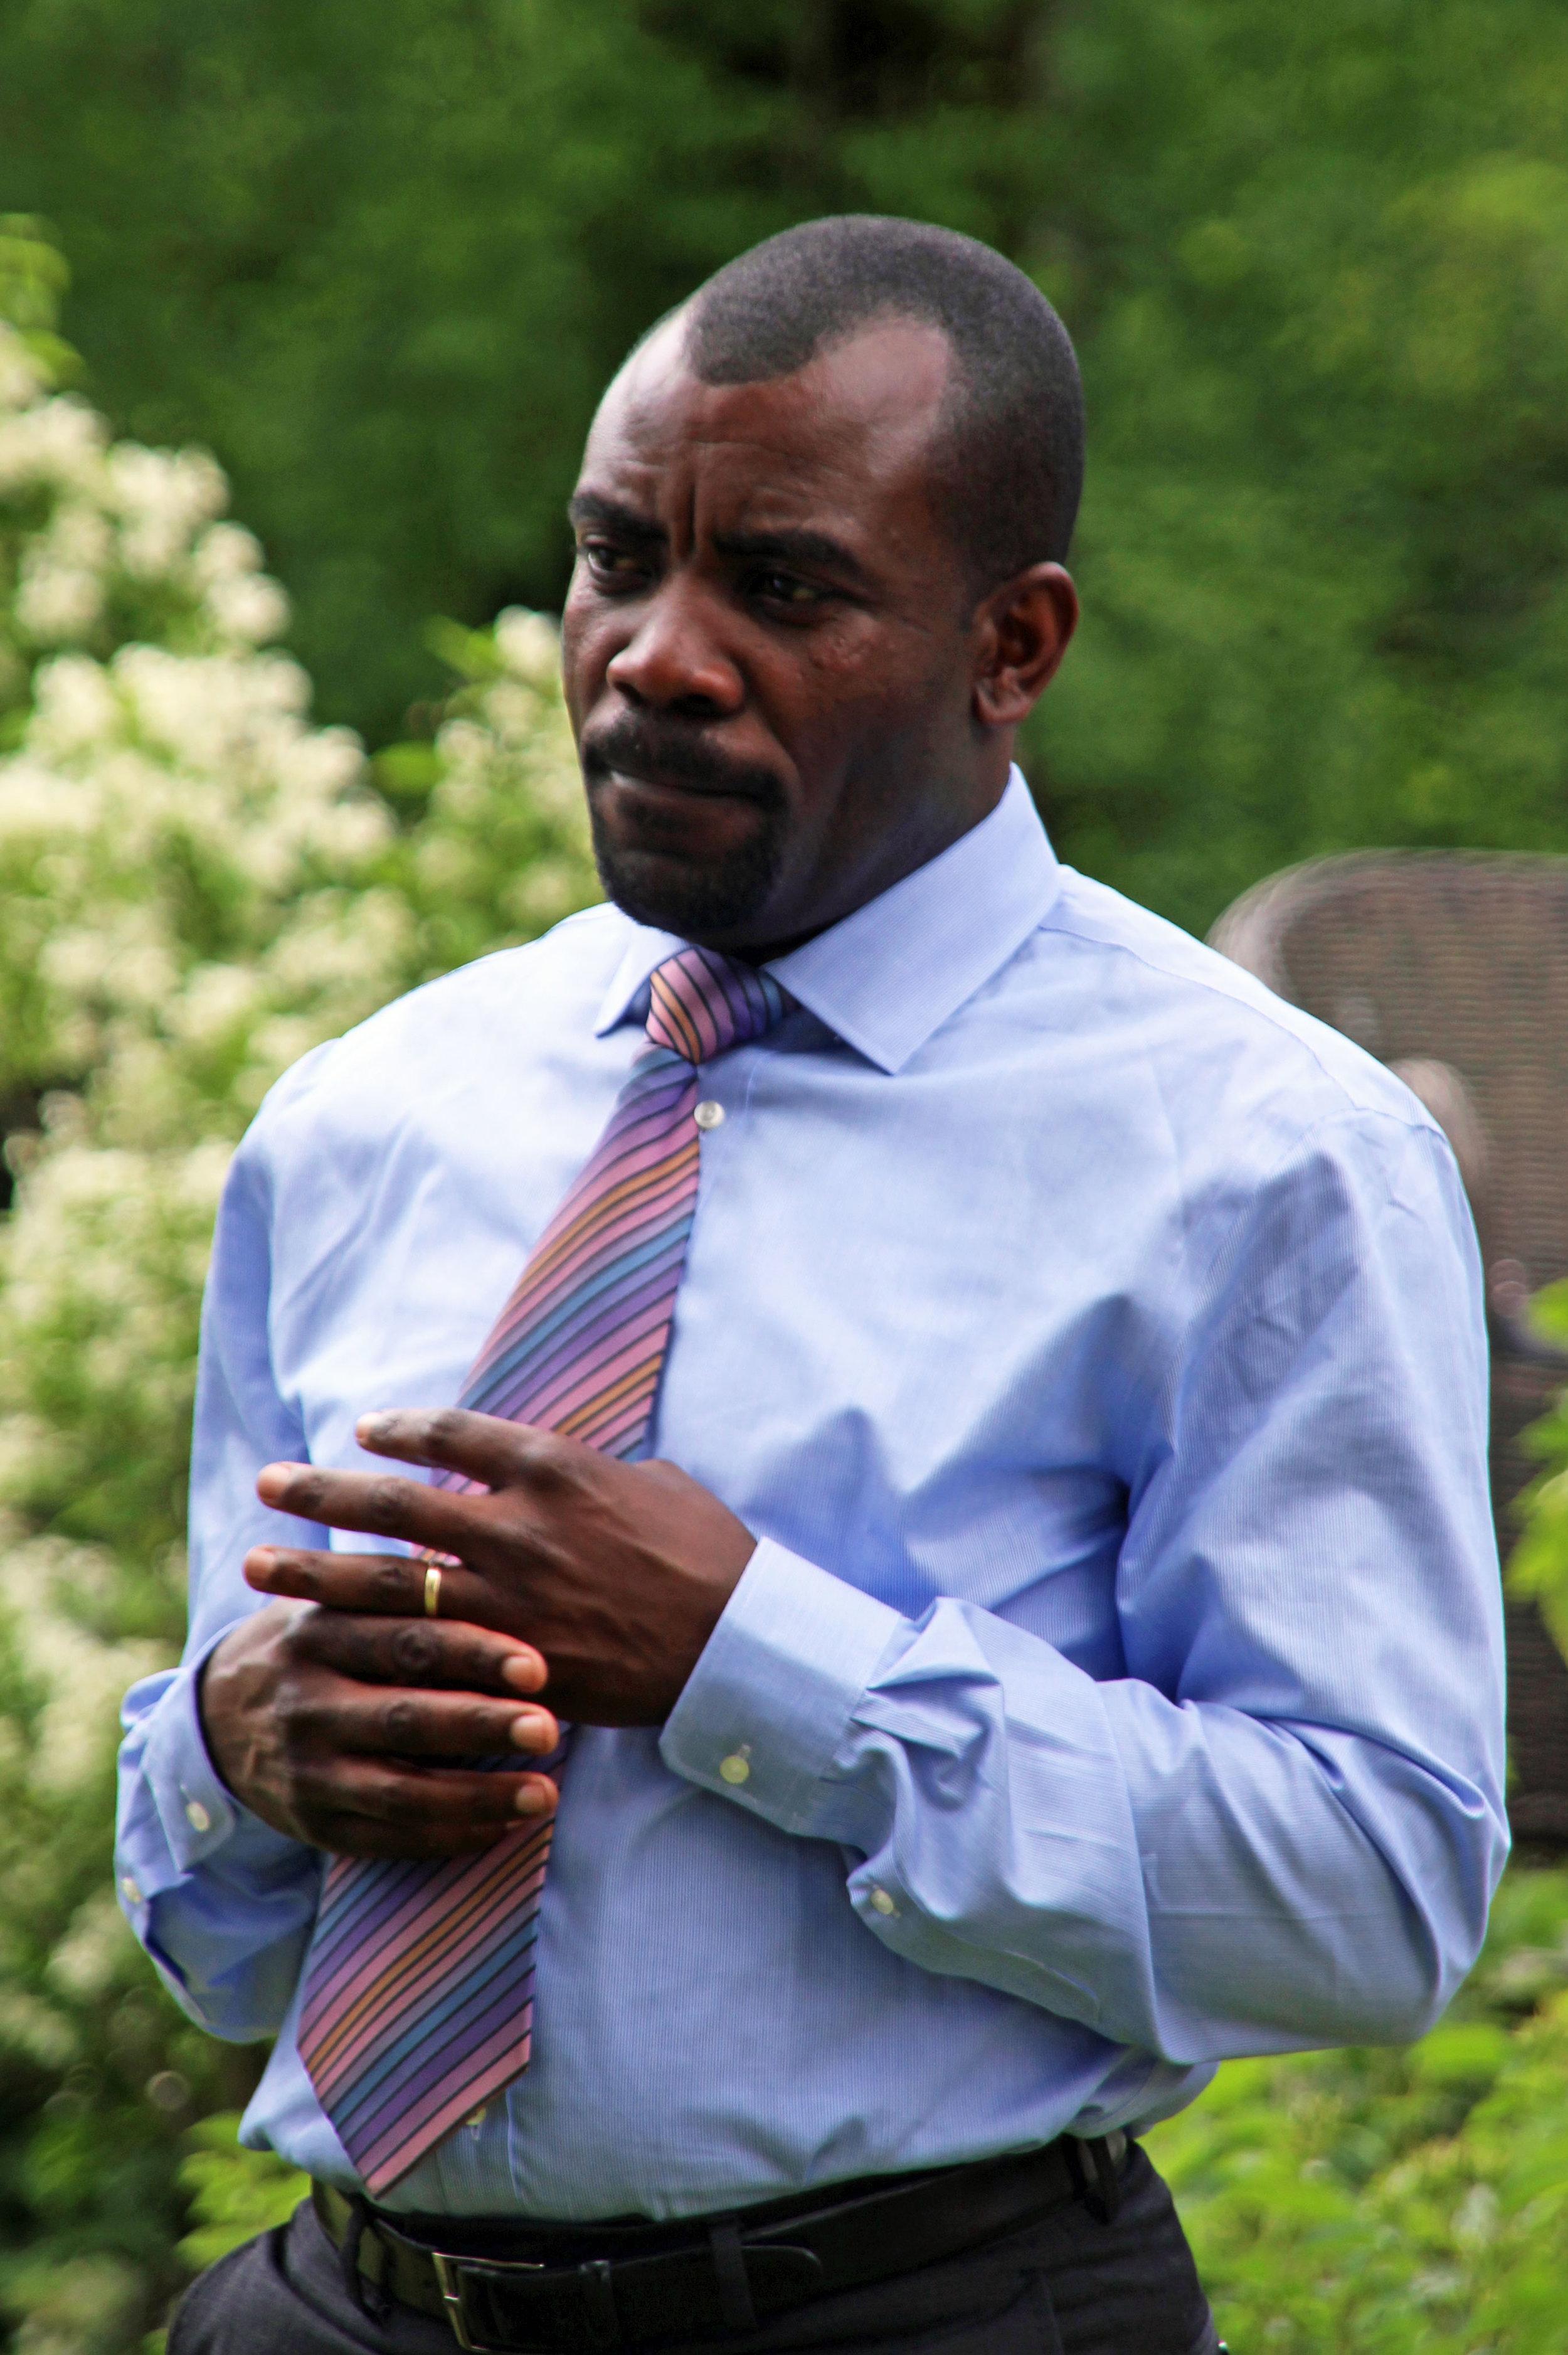 Pastor og menneskerettsforkjemper Kubisa Muzenende